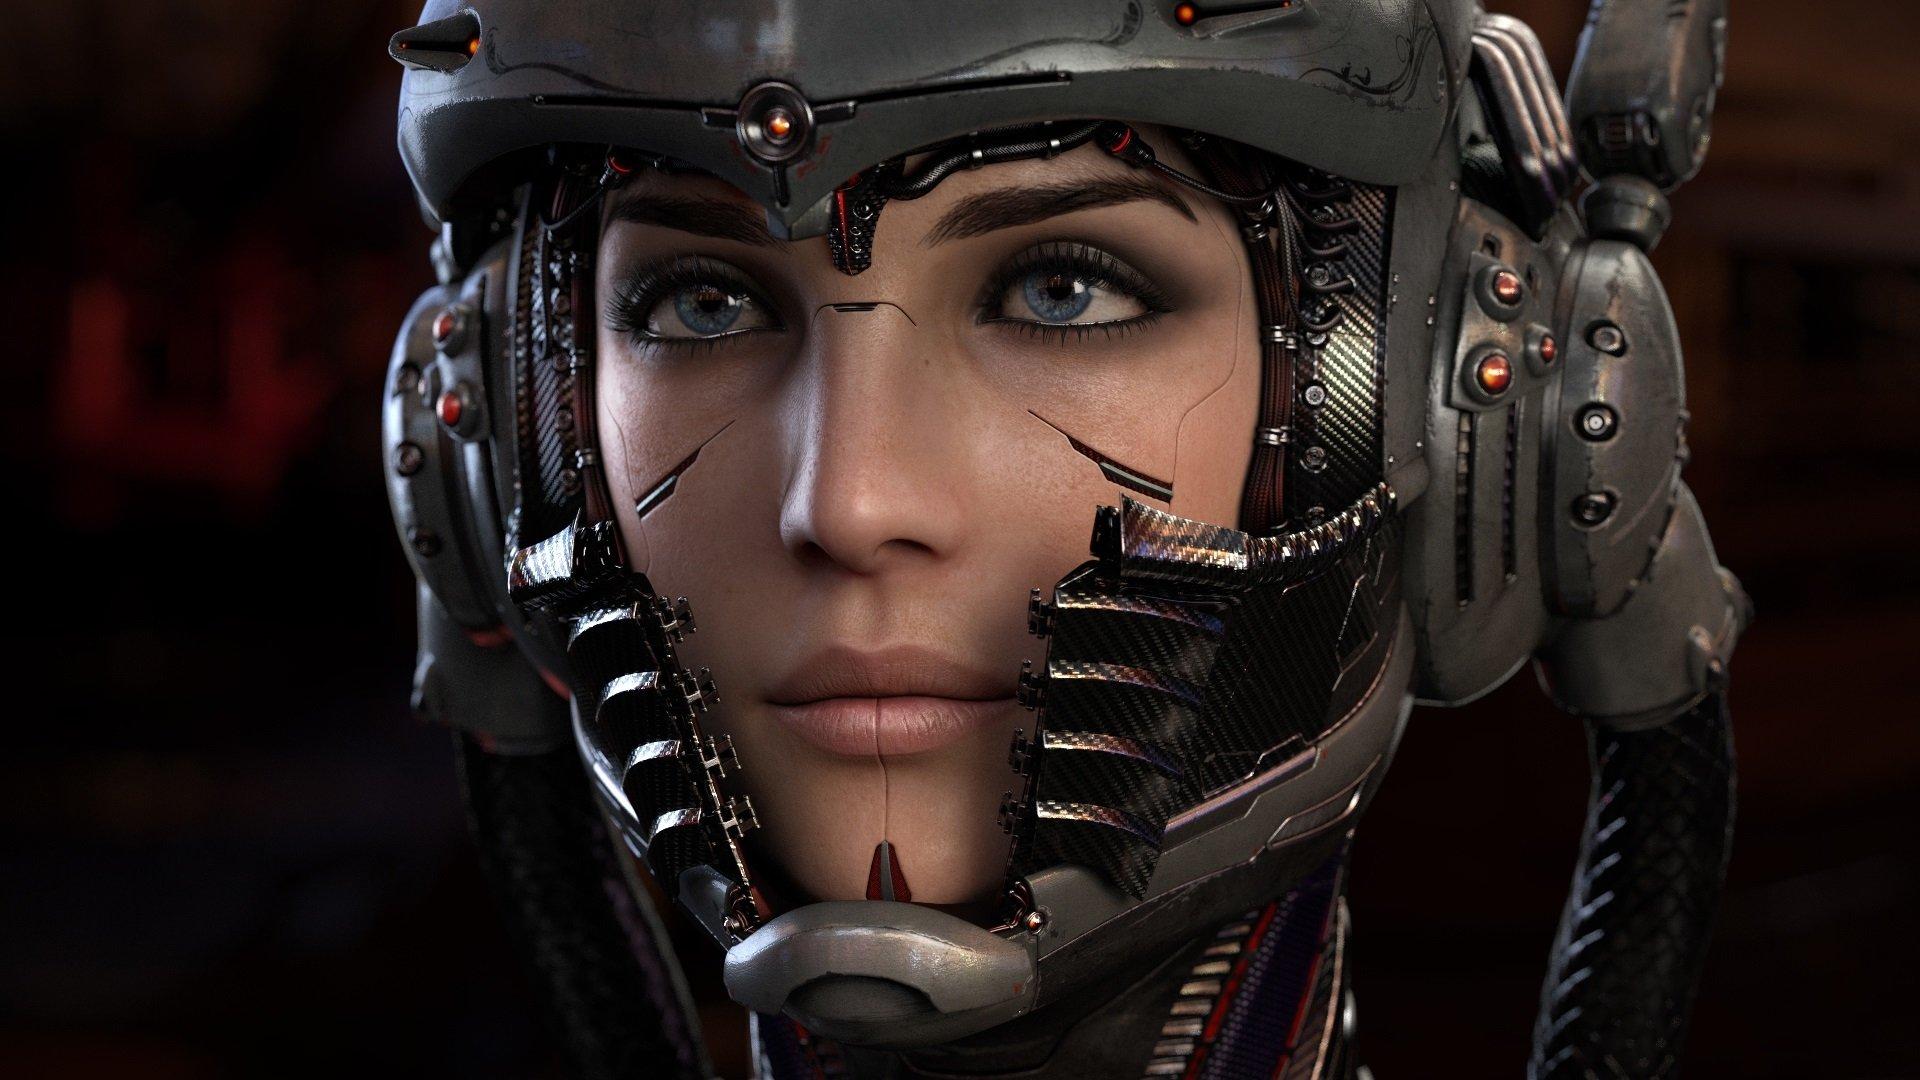 Cyberpunk Mask a wallpaper